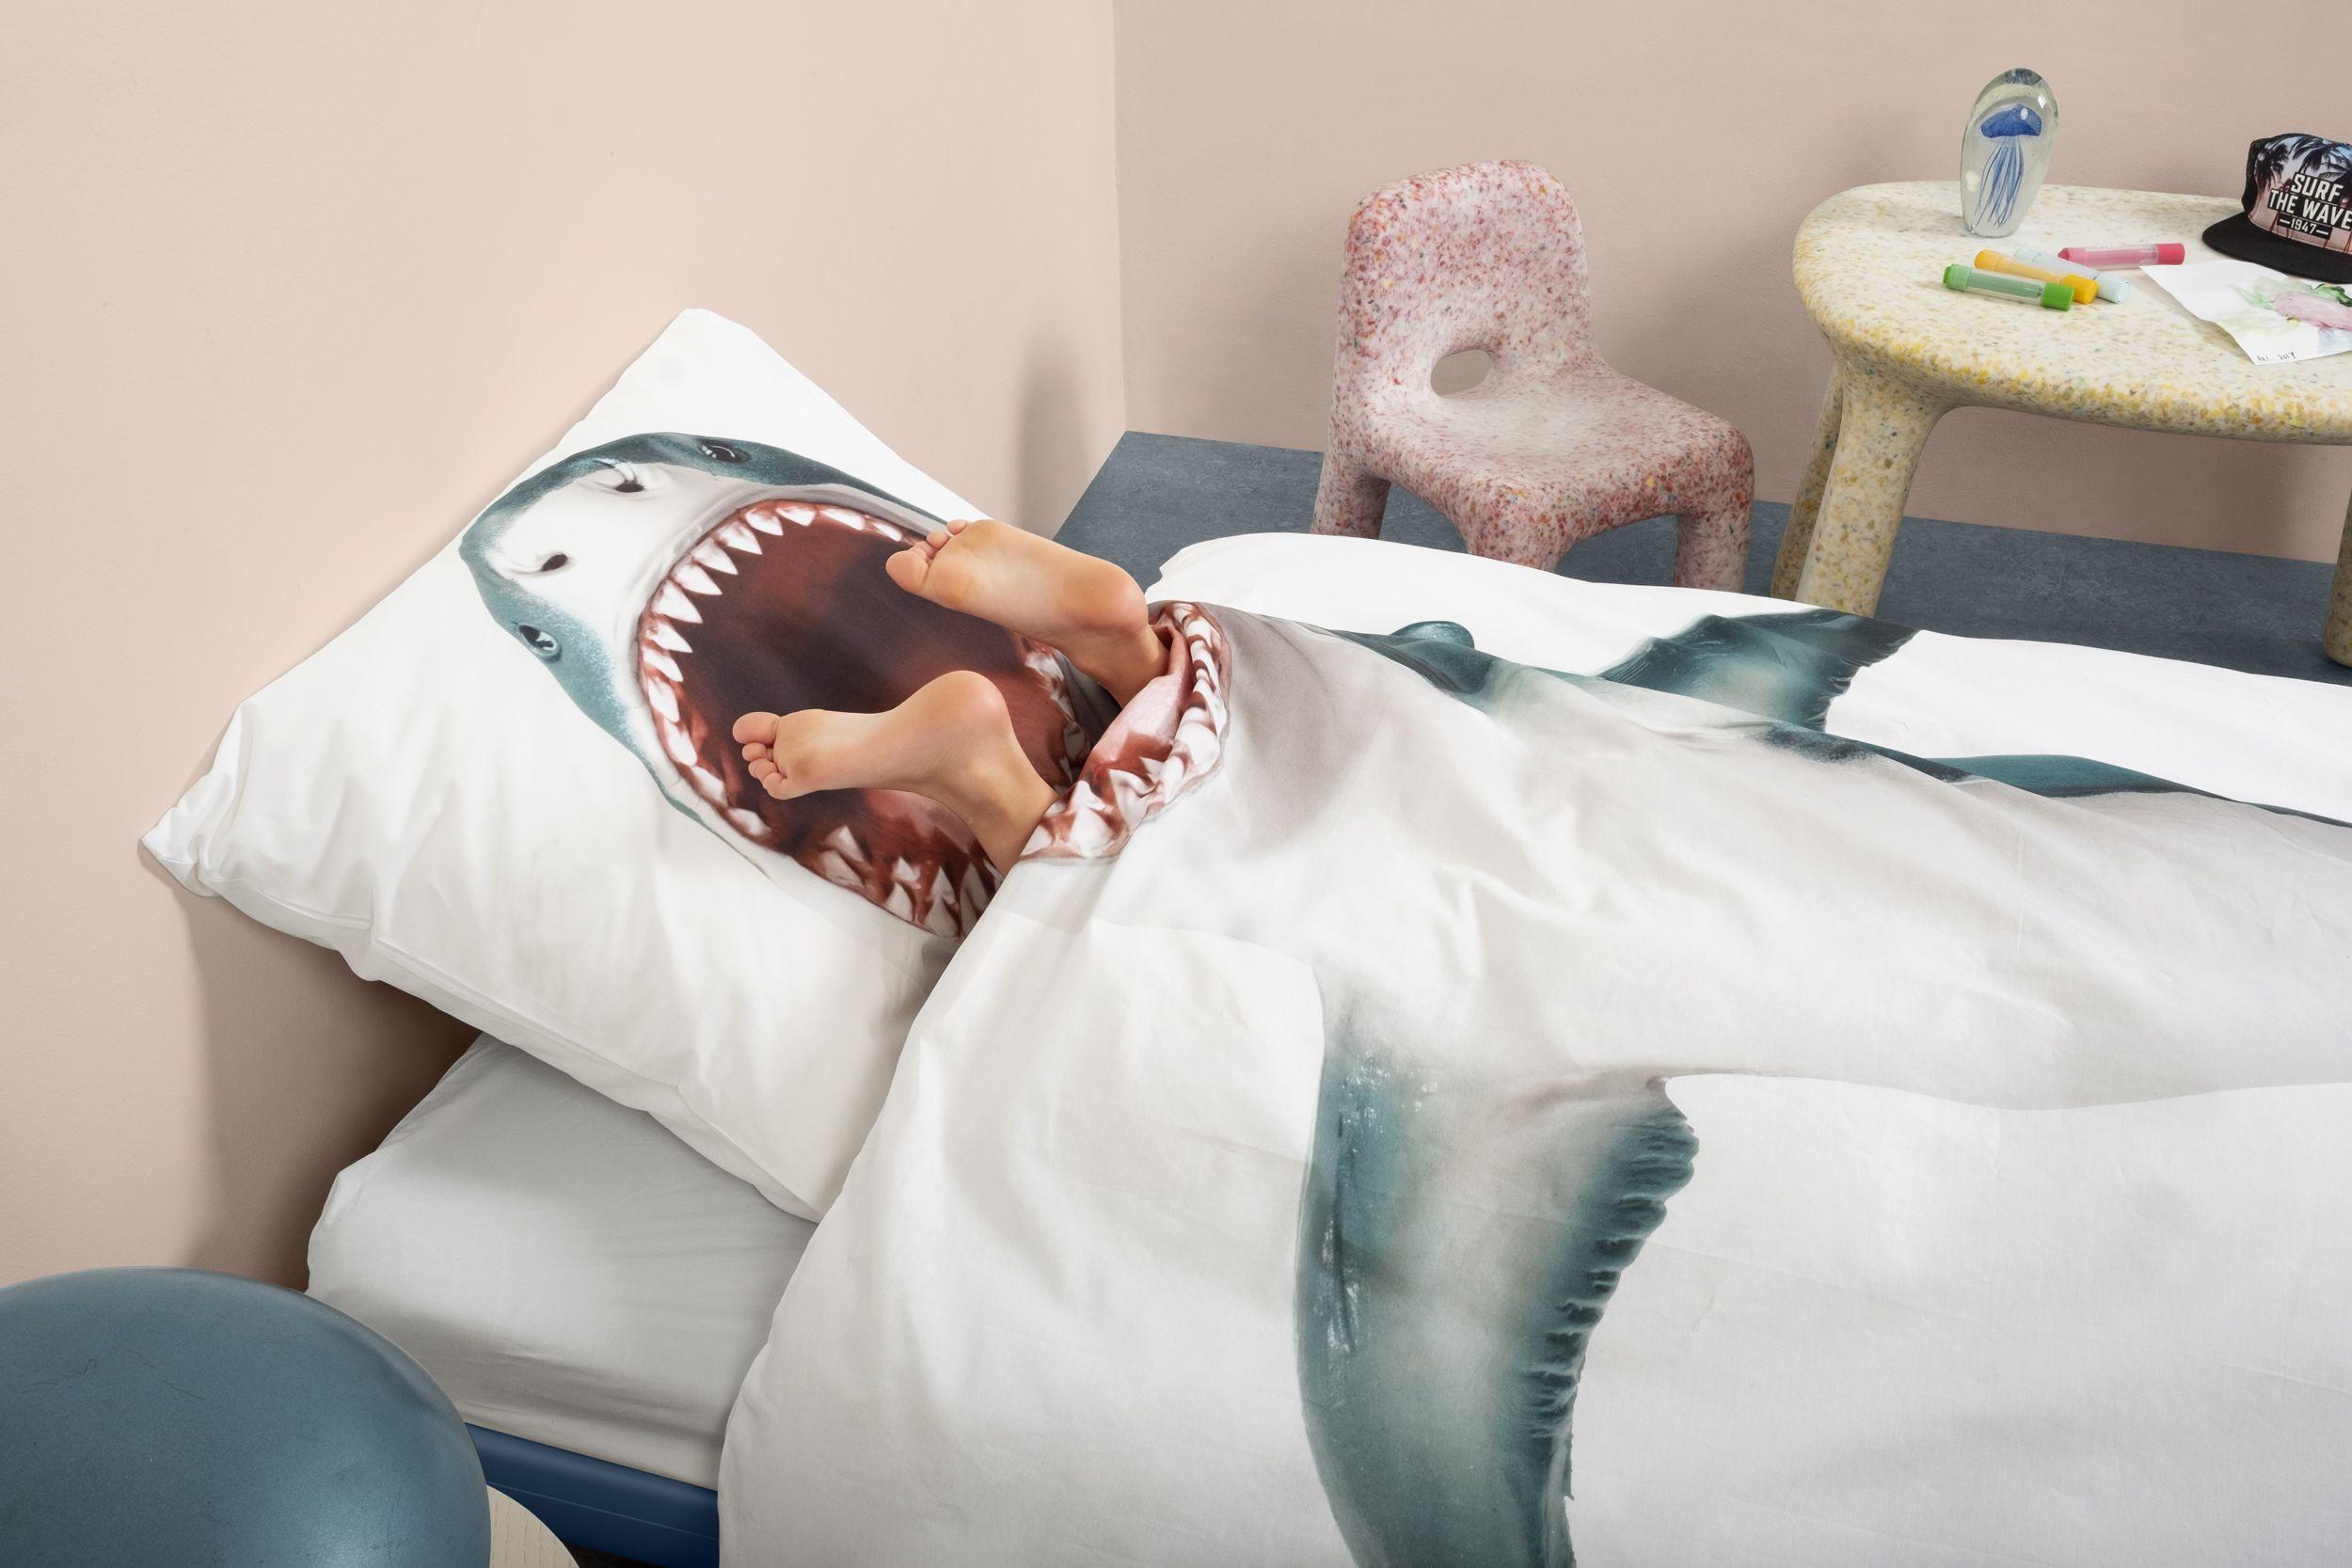 Durf jij onder dit Snurk Dekbedovertrek in thema Shark te